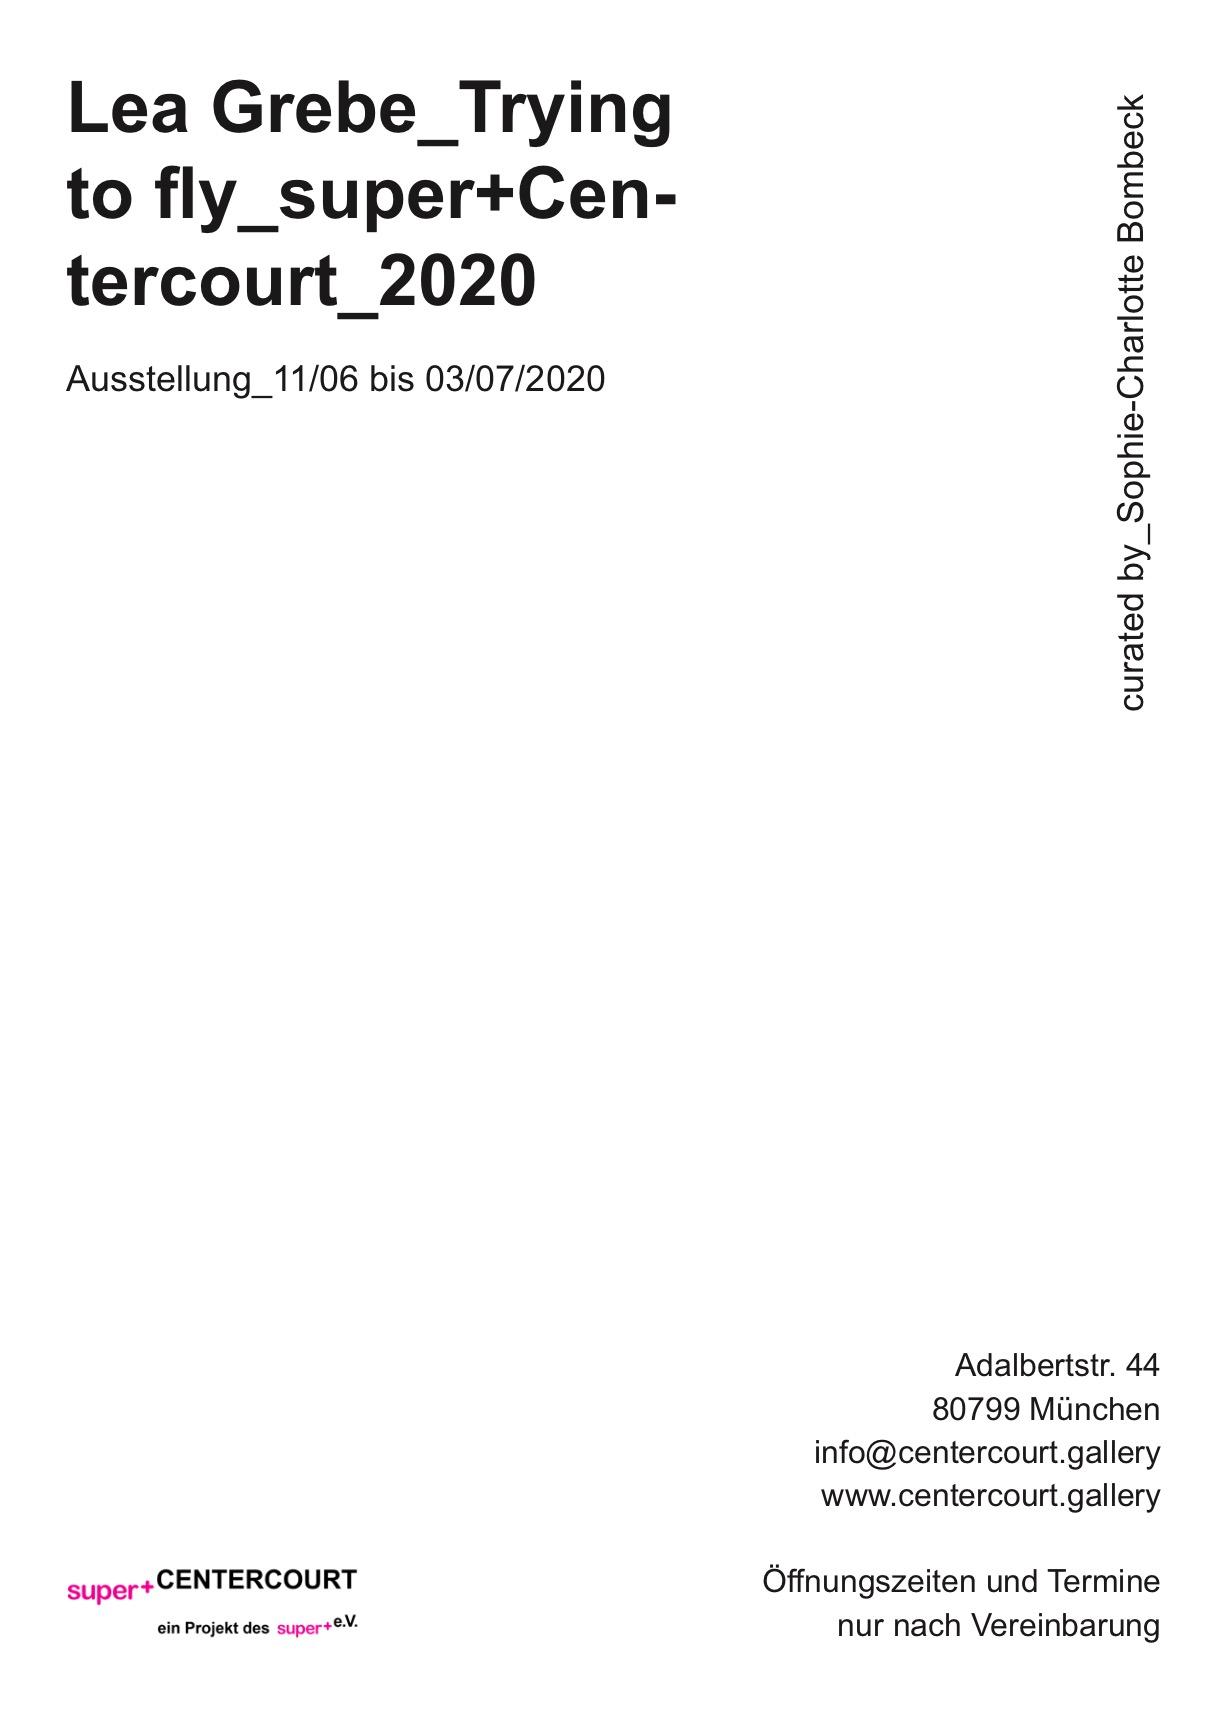 bildschirmfoto-2020-06-20-um-21.31.08